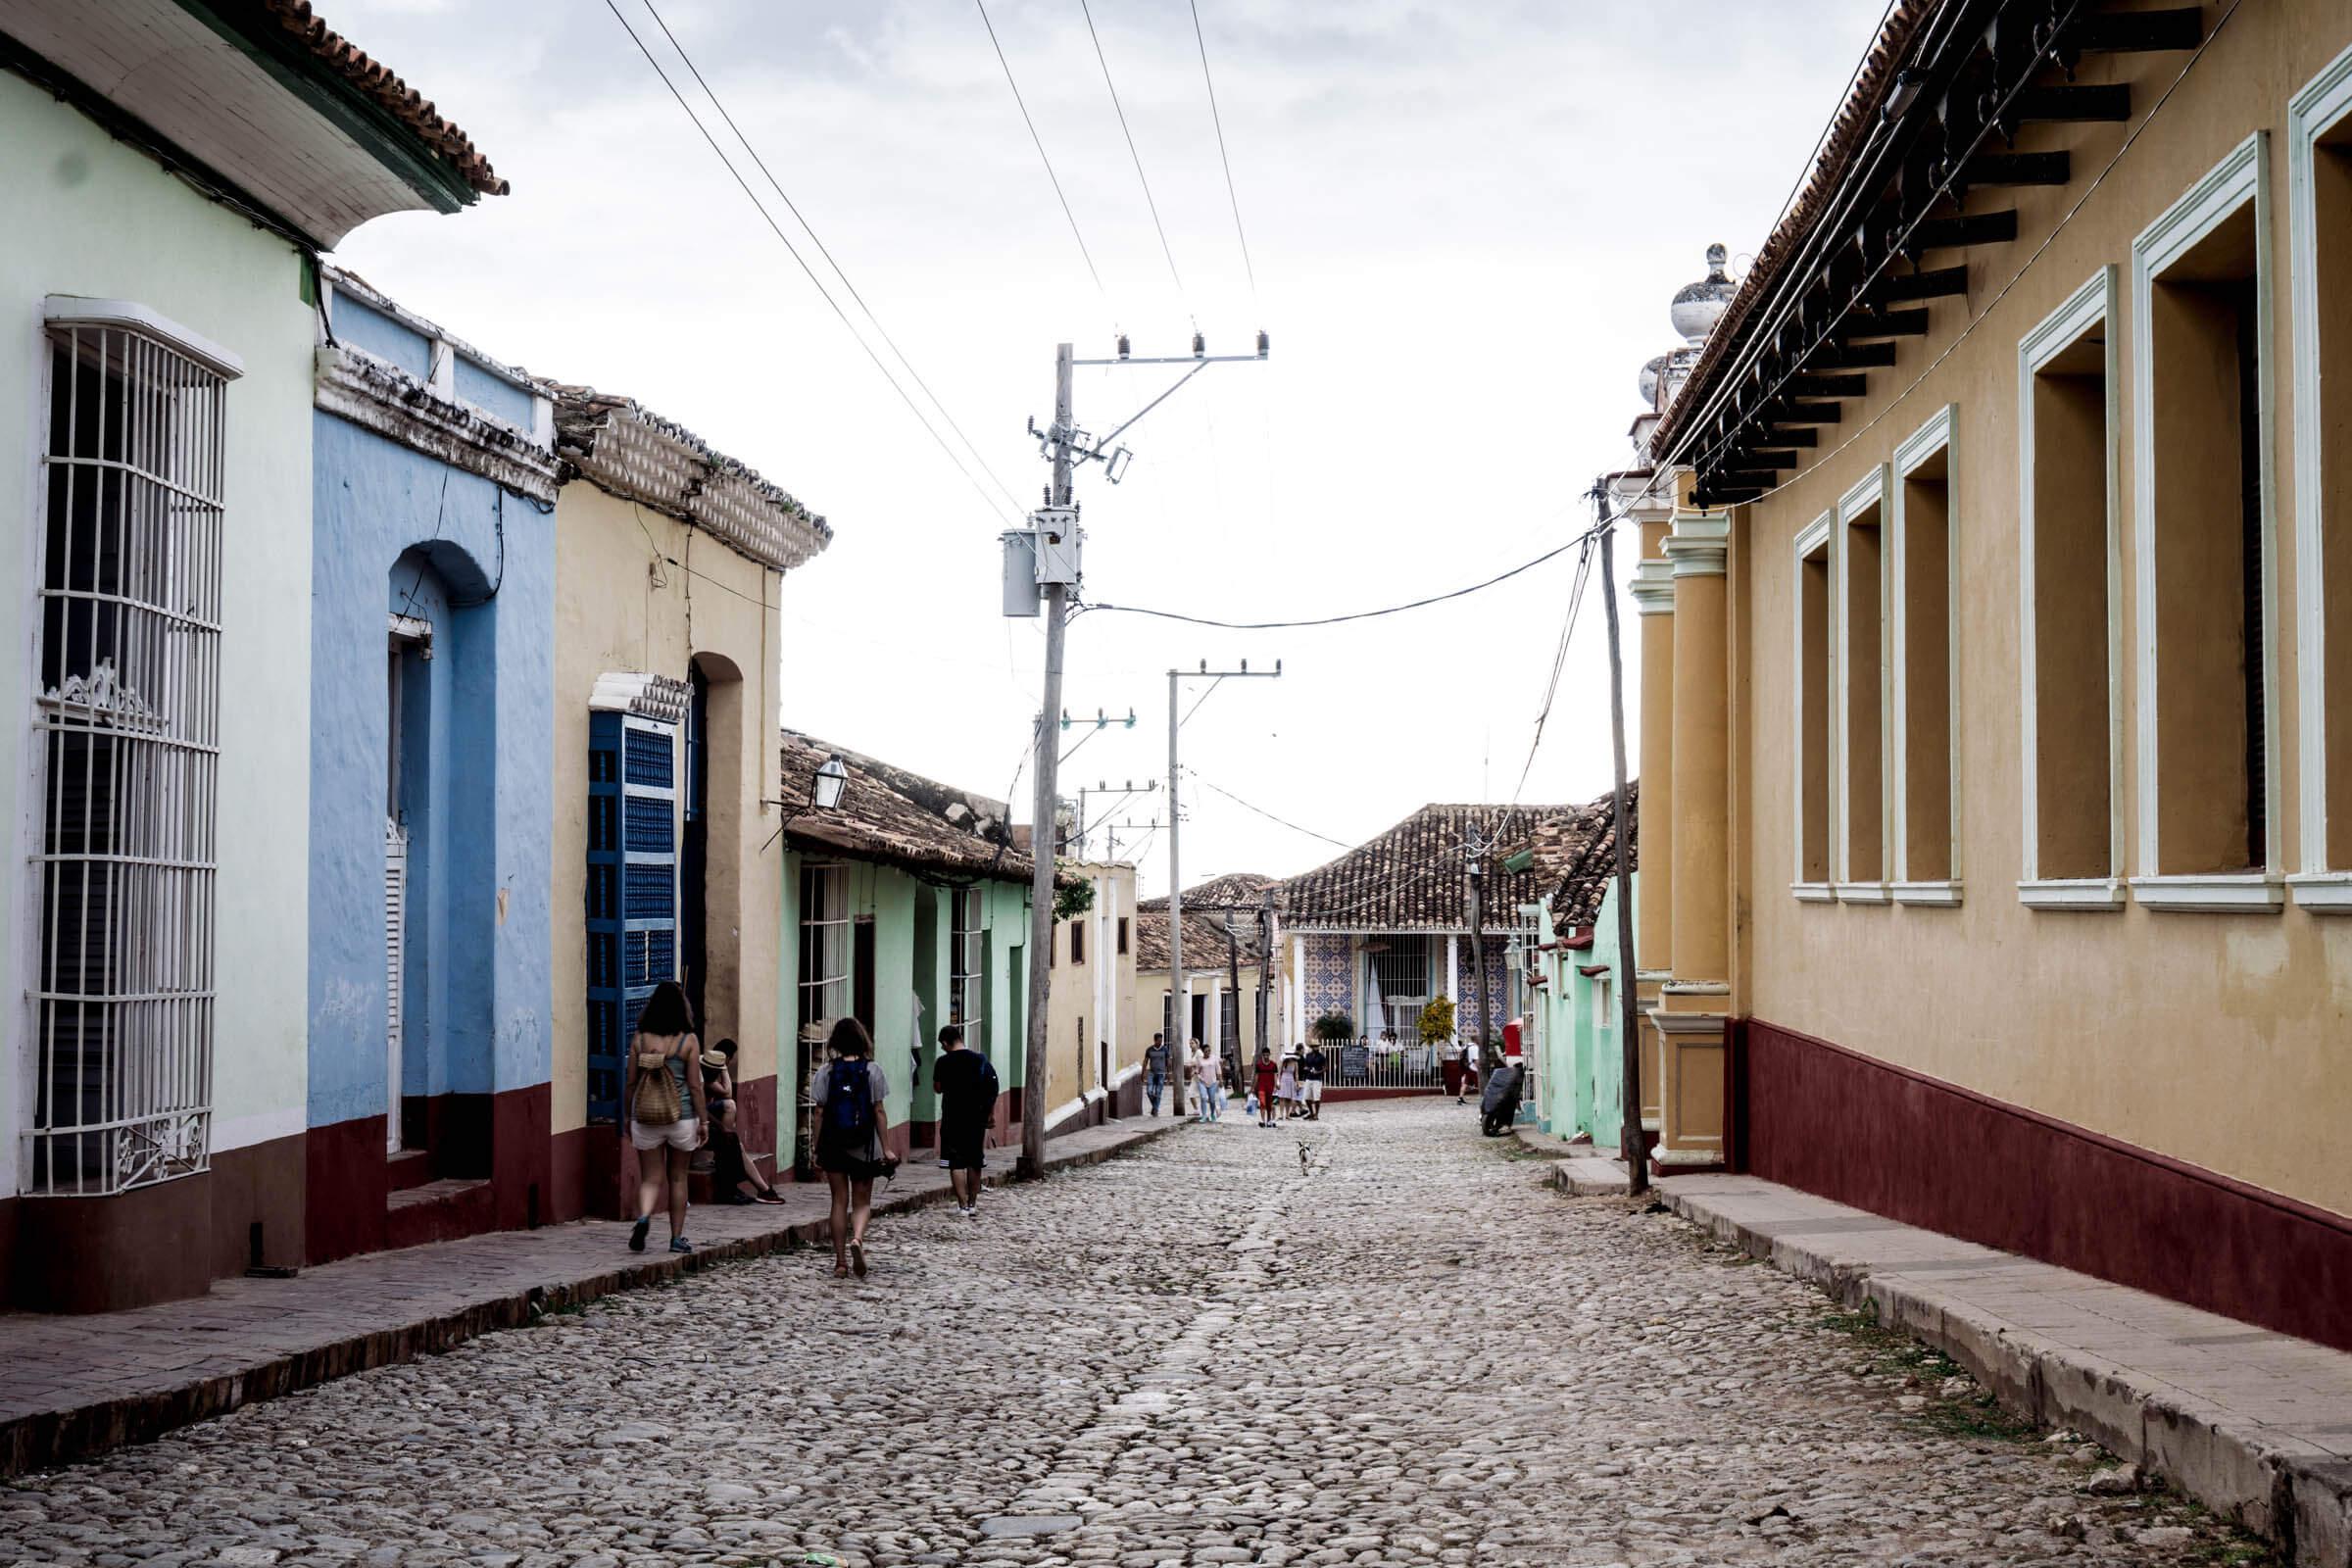 Trinidad Kuba Bunte Häuser